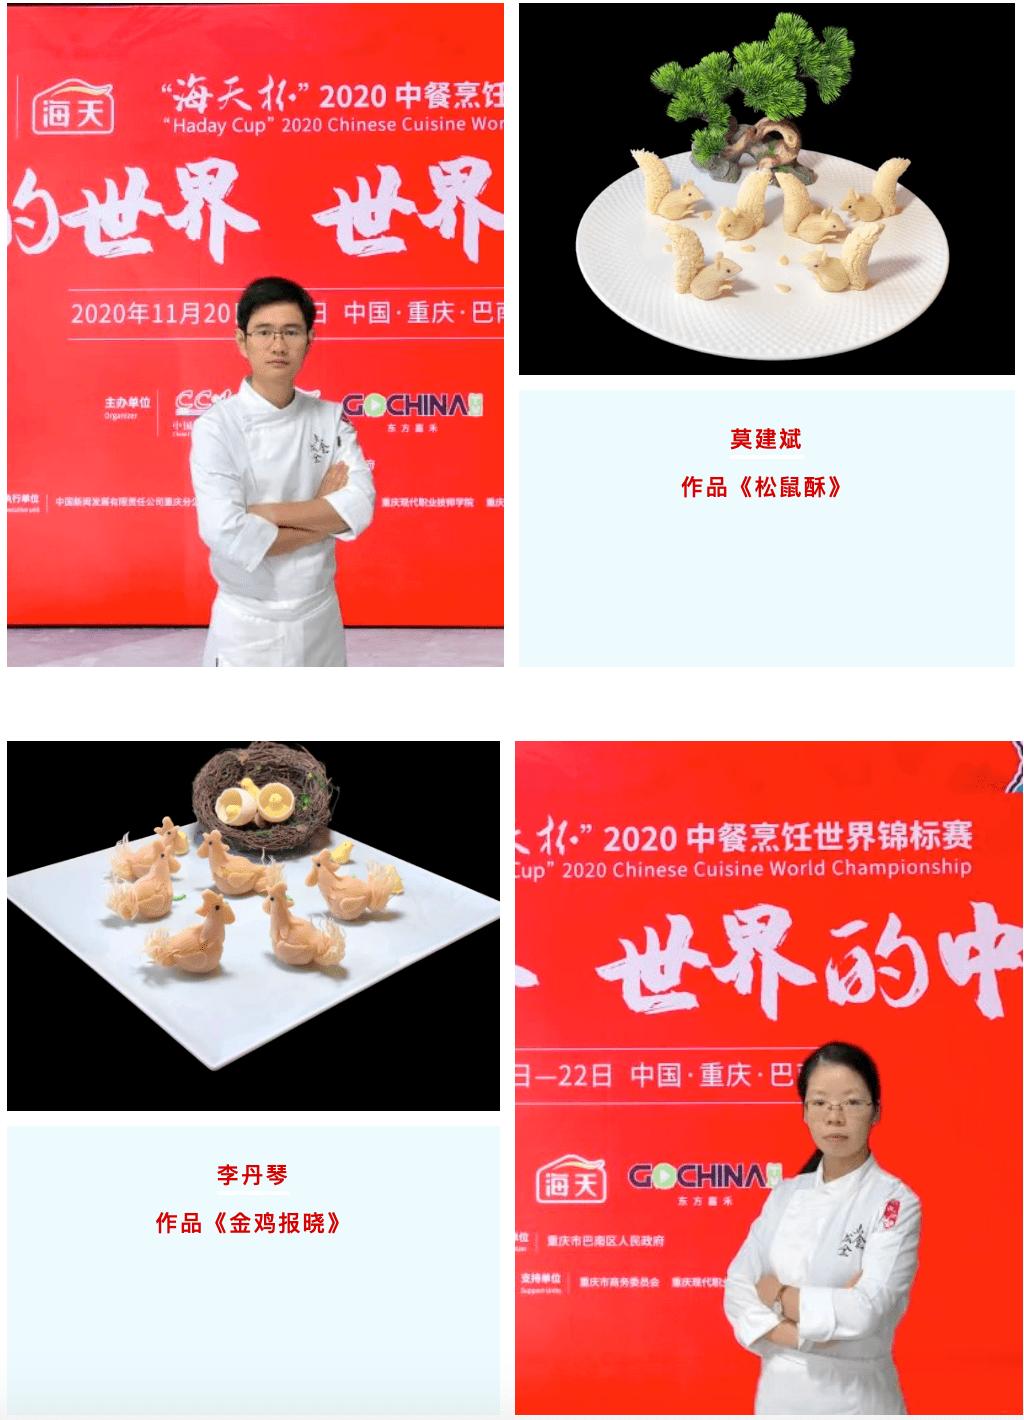 厉害了!我市教师在中餐烹饪世界锦标赛中获2个金奖